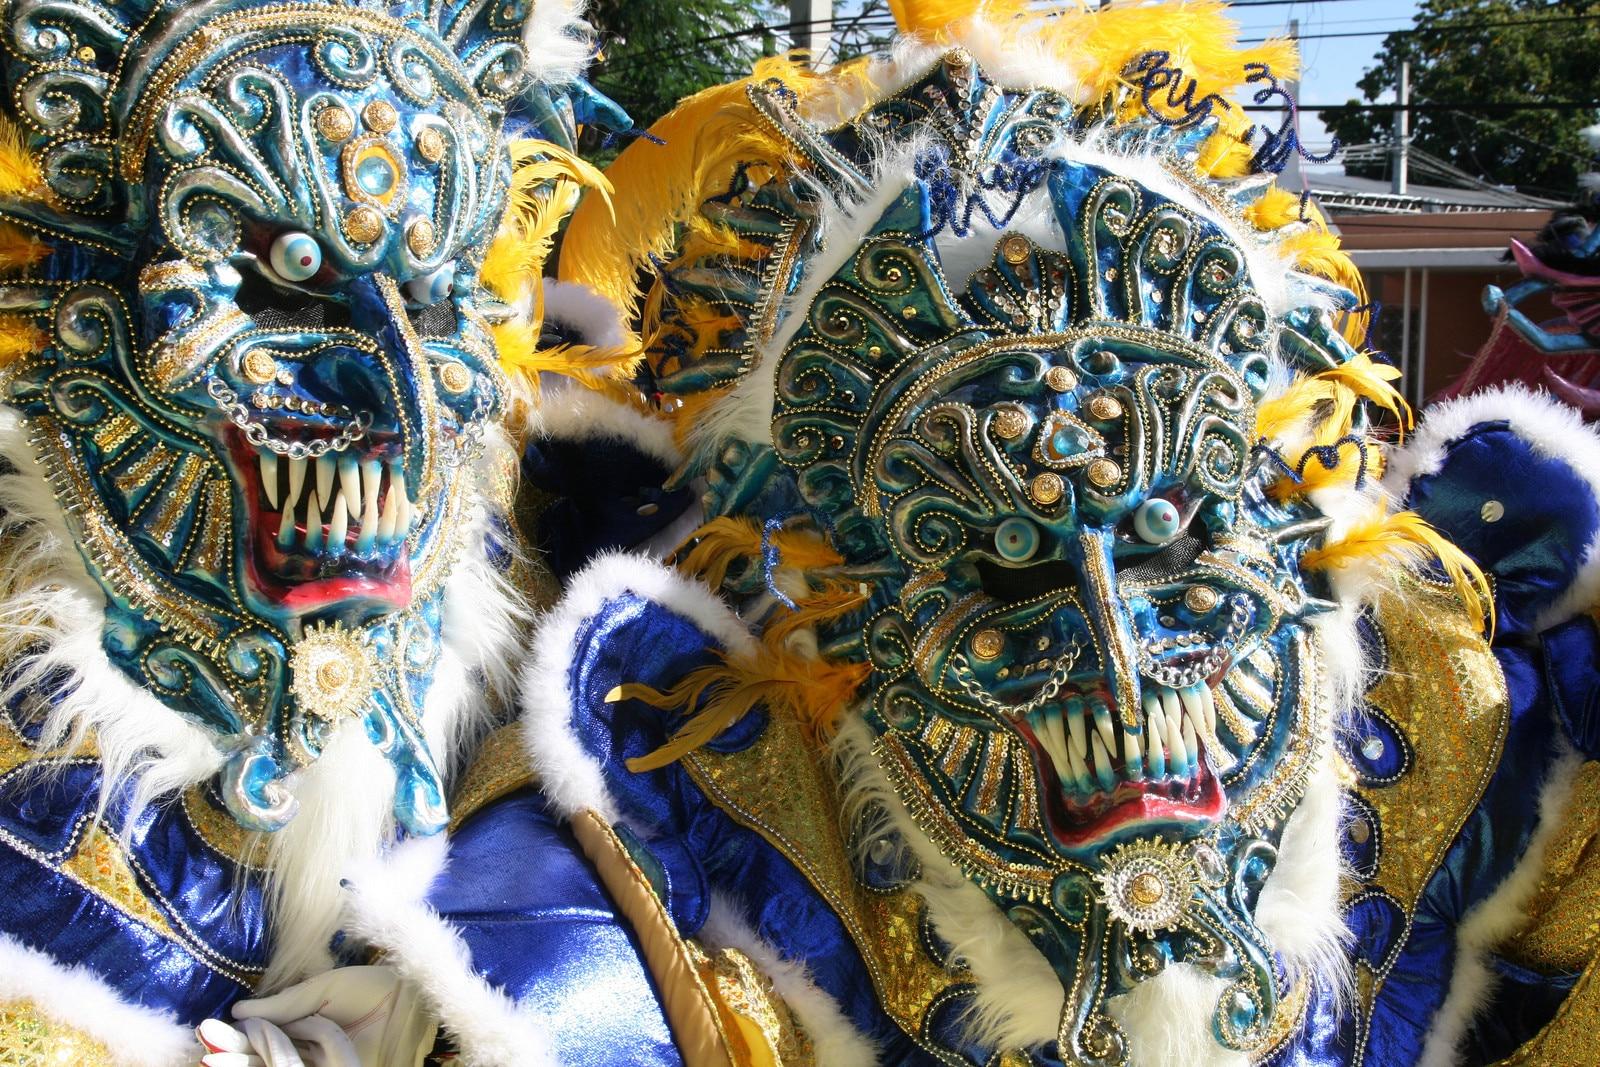 carnival dominican republic